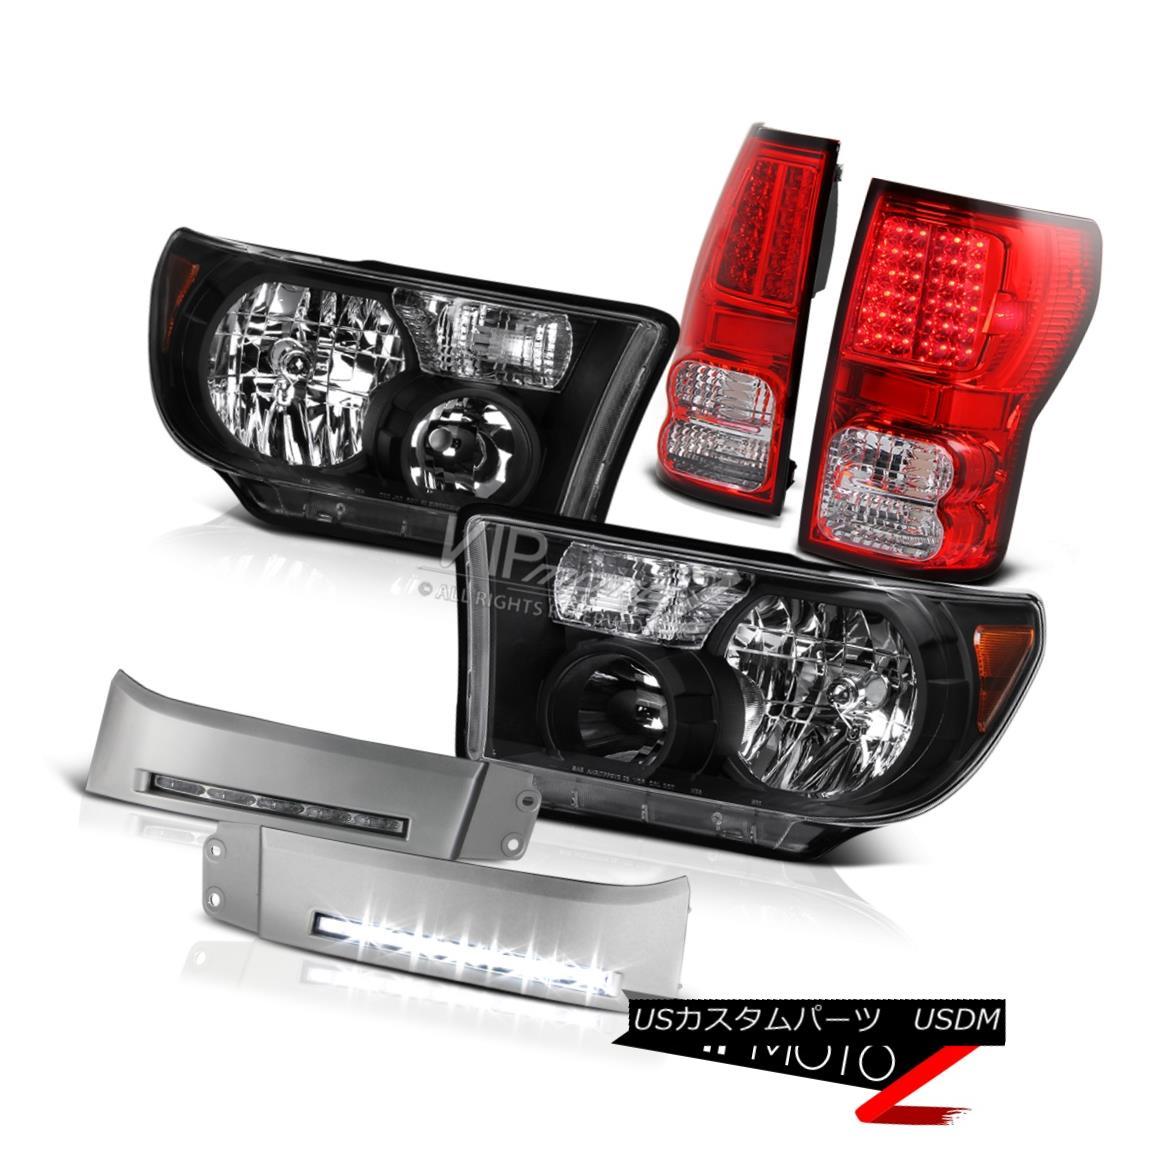 ヘッドライト 2007-2013 Toyota Tundra Red /Clear Brake Tail Lights Black Headlight White DRL 2007-2013トヨタトンドラレッド/クリアブレーキテールライトブラックヘッドライトホワイトDRL